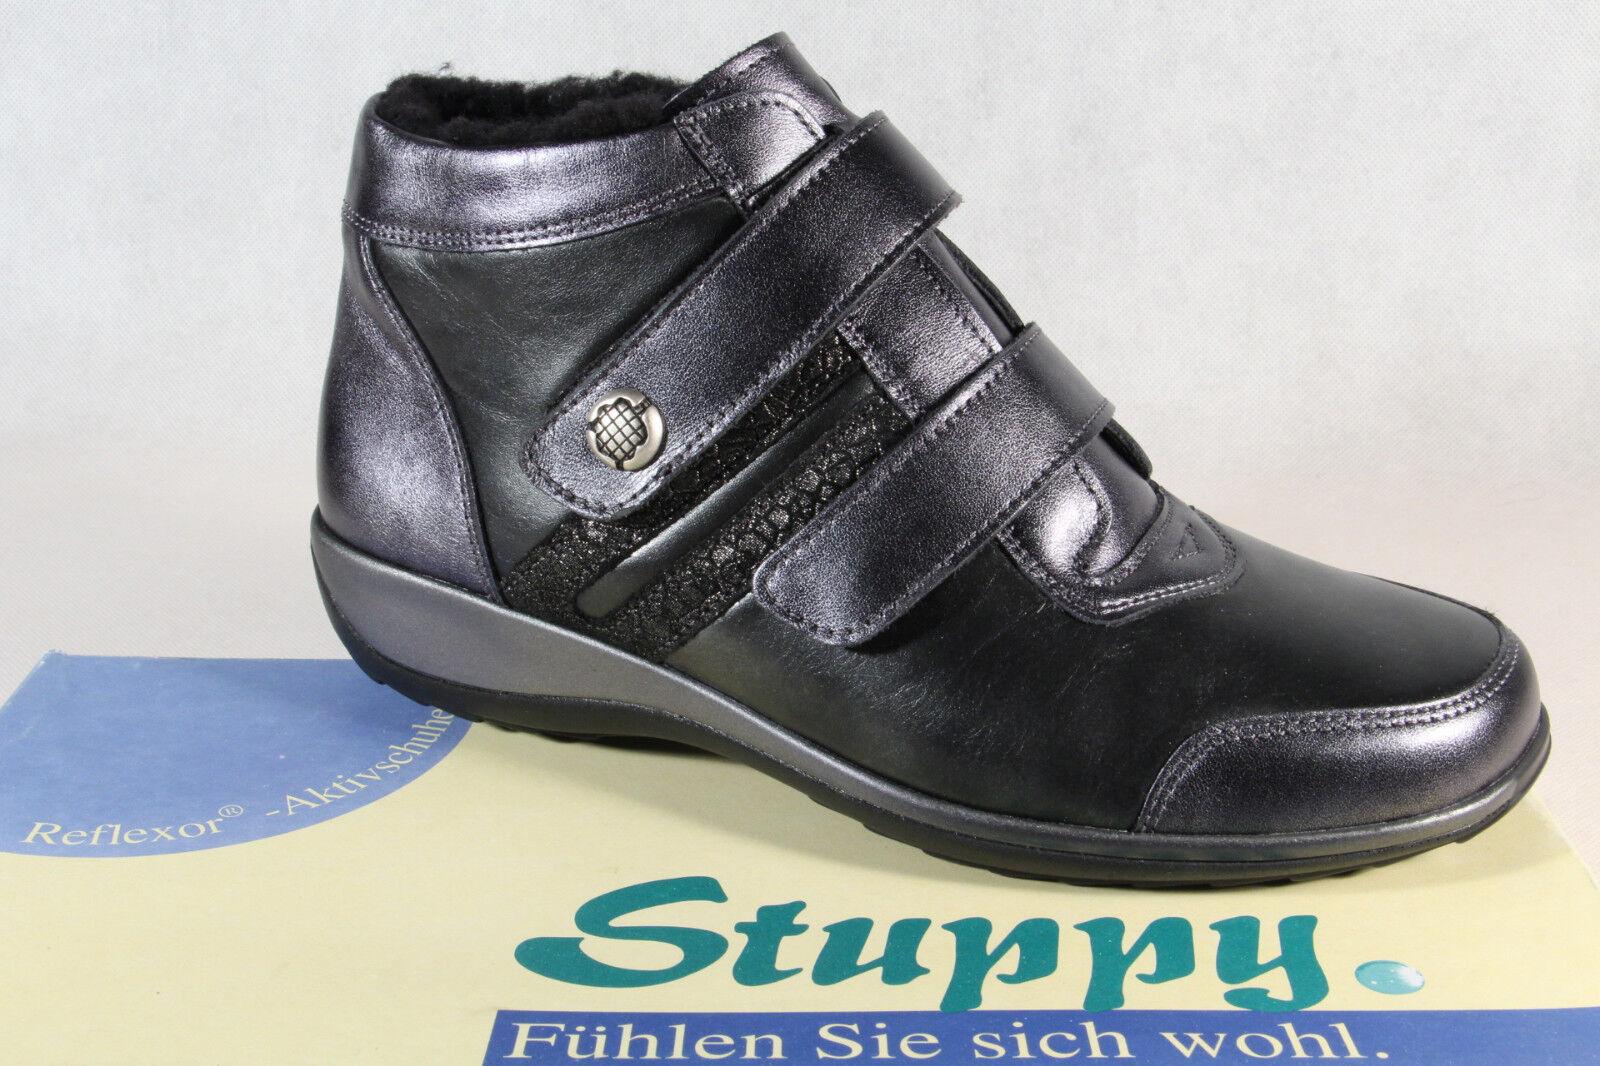 Stuppy Damen Stiefel Stiefelette Winterstiefel Leder schwarz  silber 9891 NEU